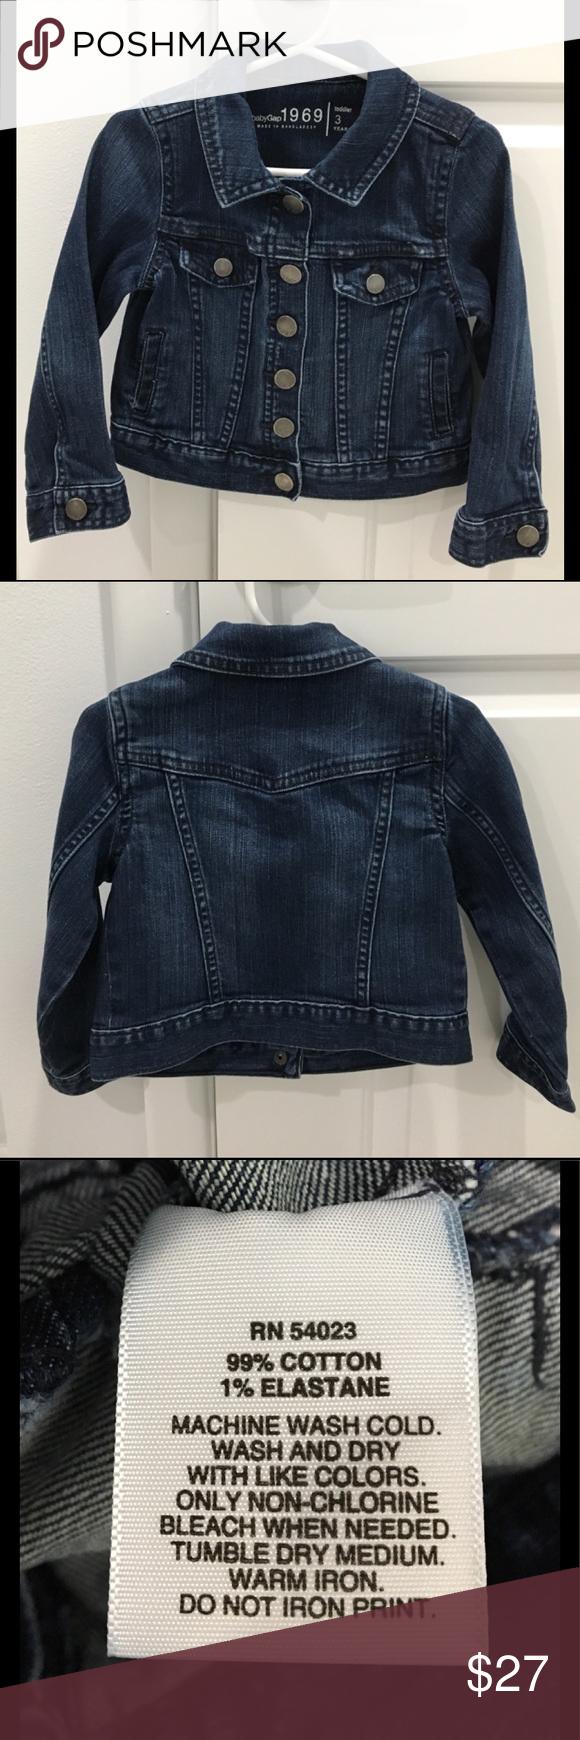 Baby Gap 1969 Jeans Jacket Jean Jacket Trendy Fashion Women Jackets [ 1740 x 580 Pixel ]